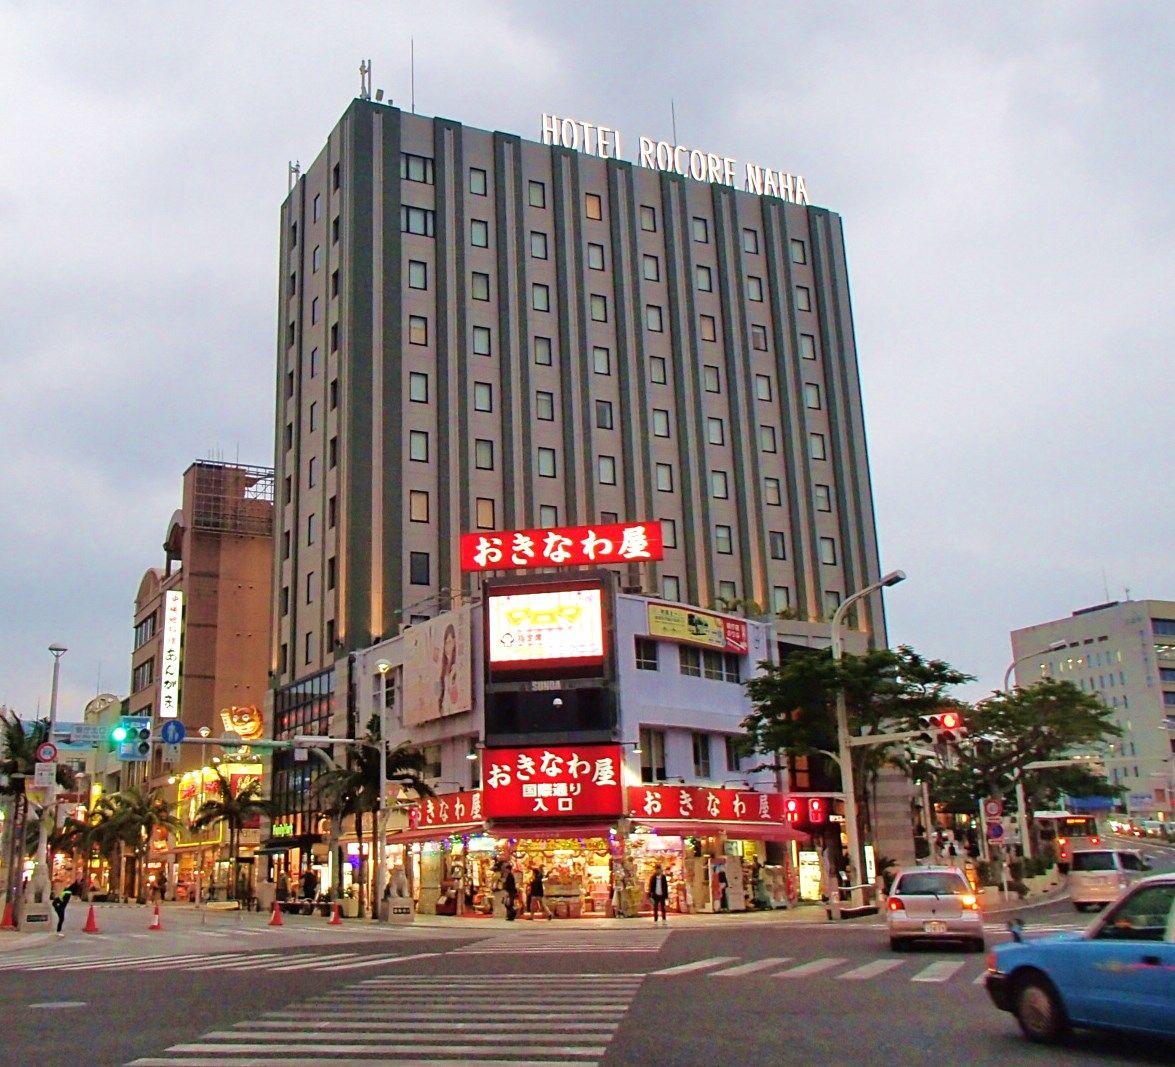 国際通りと緑豊かな県庁がある交差点に建つ「ホテルロコアナハ」